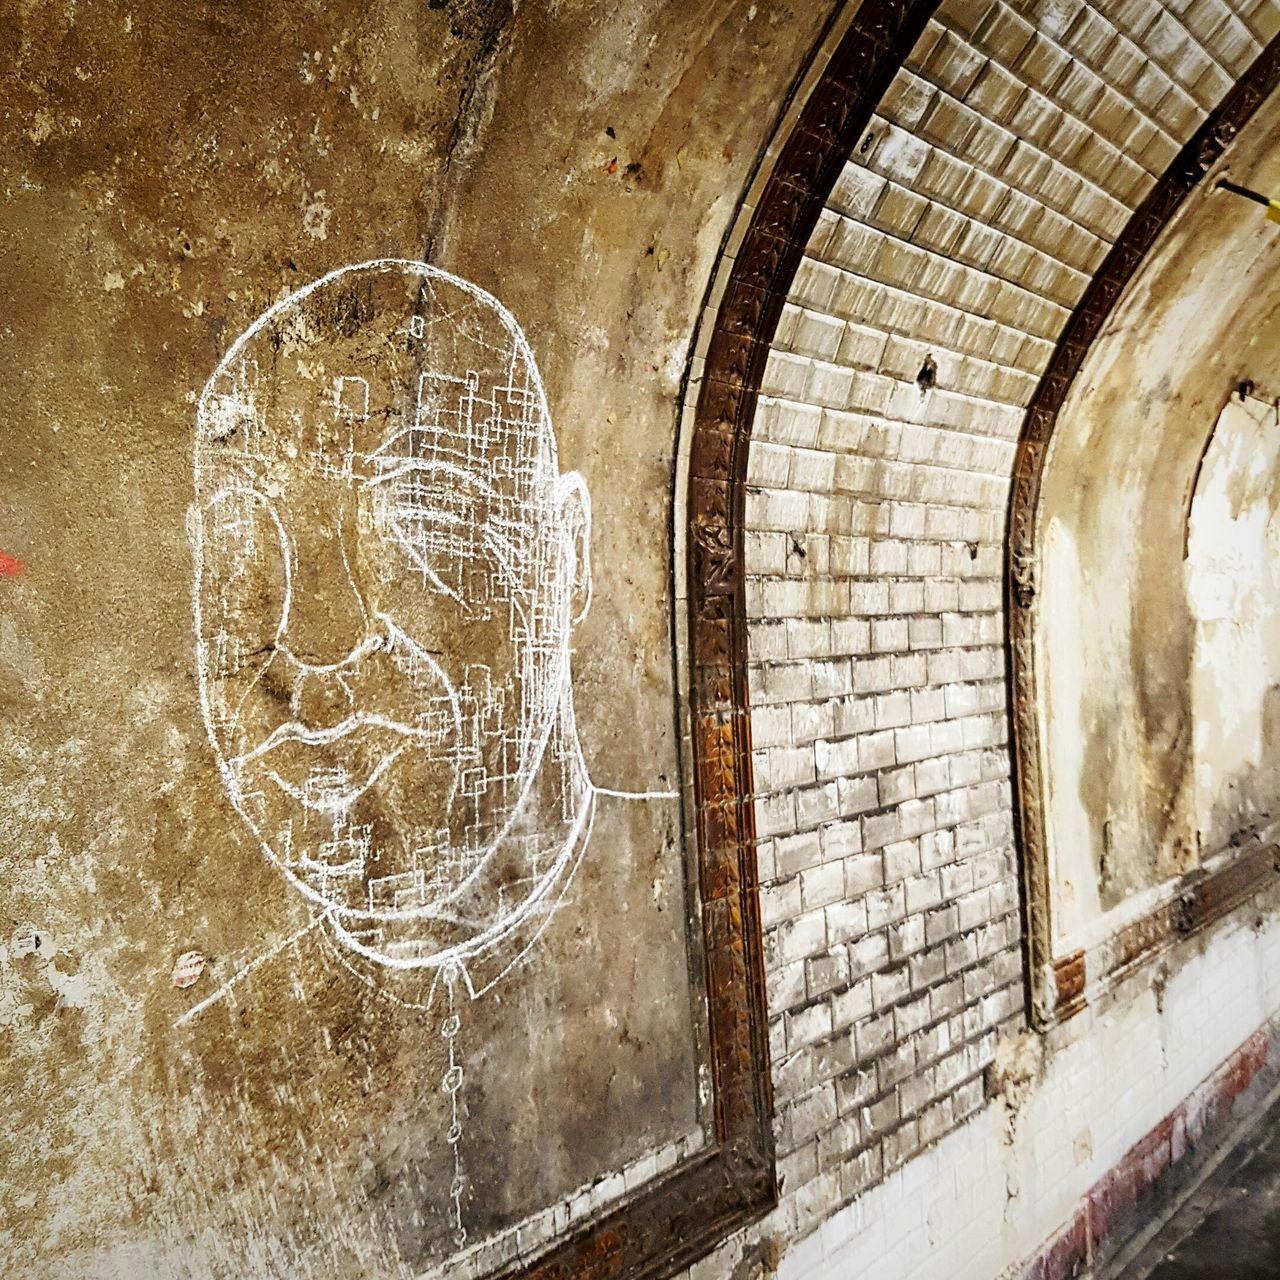 Métro de Paris en travaux. Dessin a la craie artiste anonyme. Metro Drawing Paris, France  First Eyeem Photo